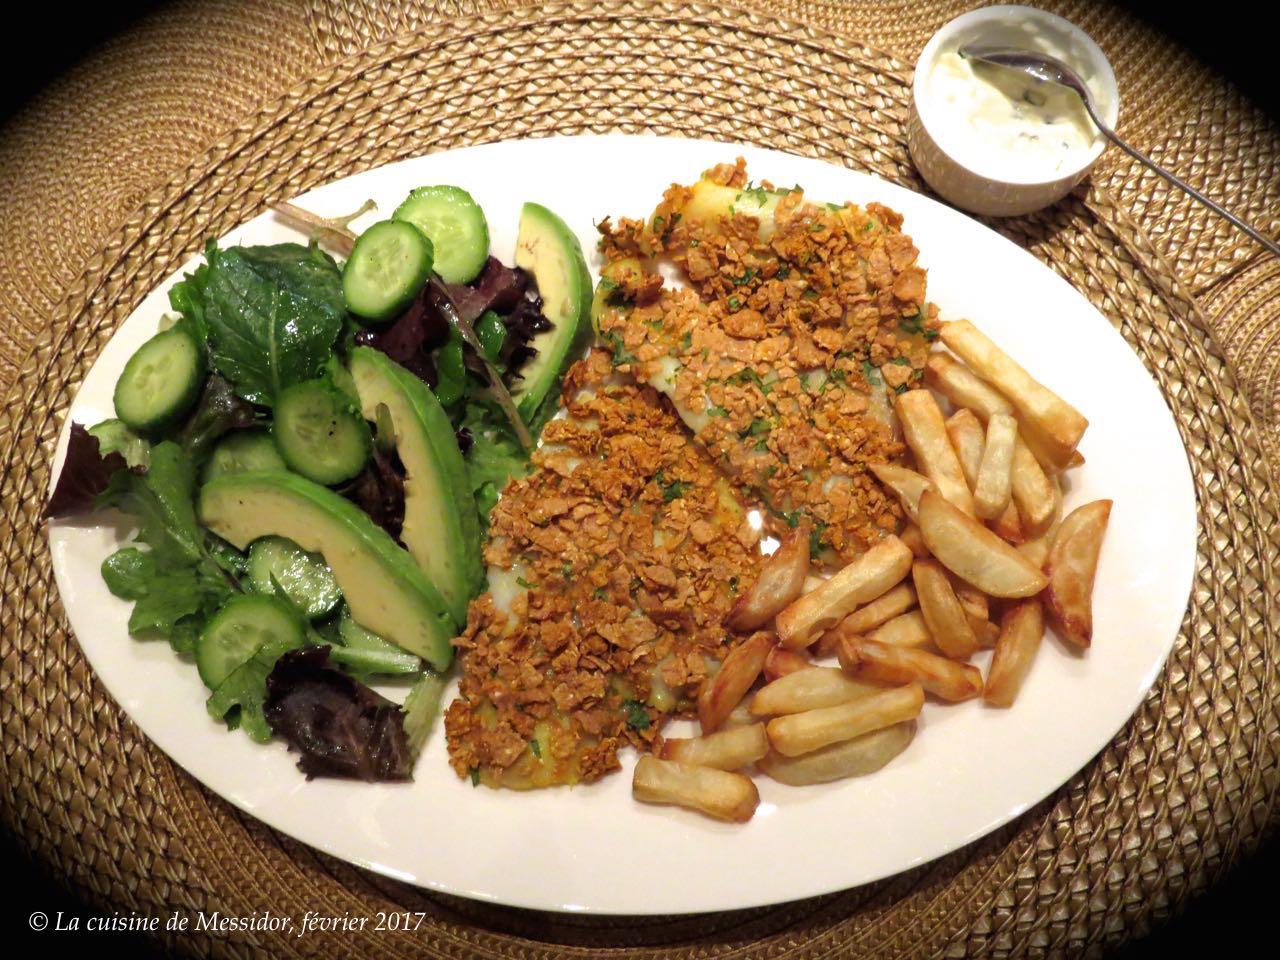 La cuisine de messidor filets de poisson blanc croustillants for Poisson cuisine